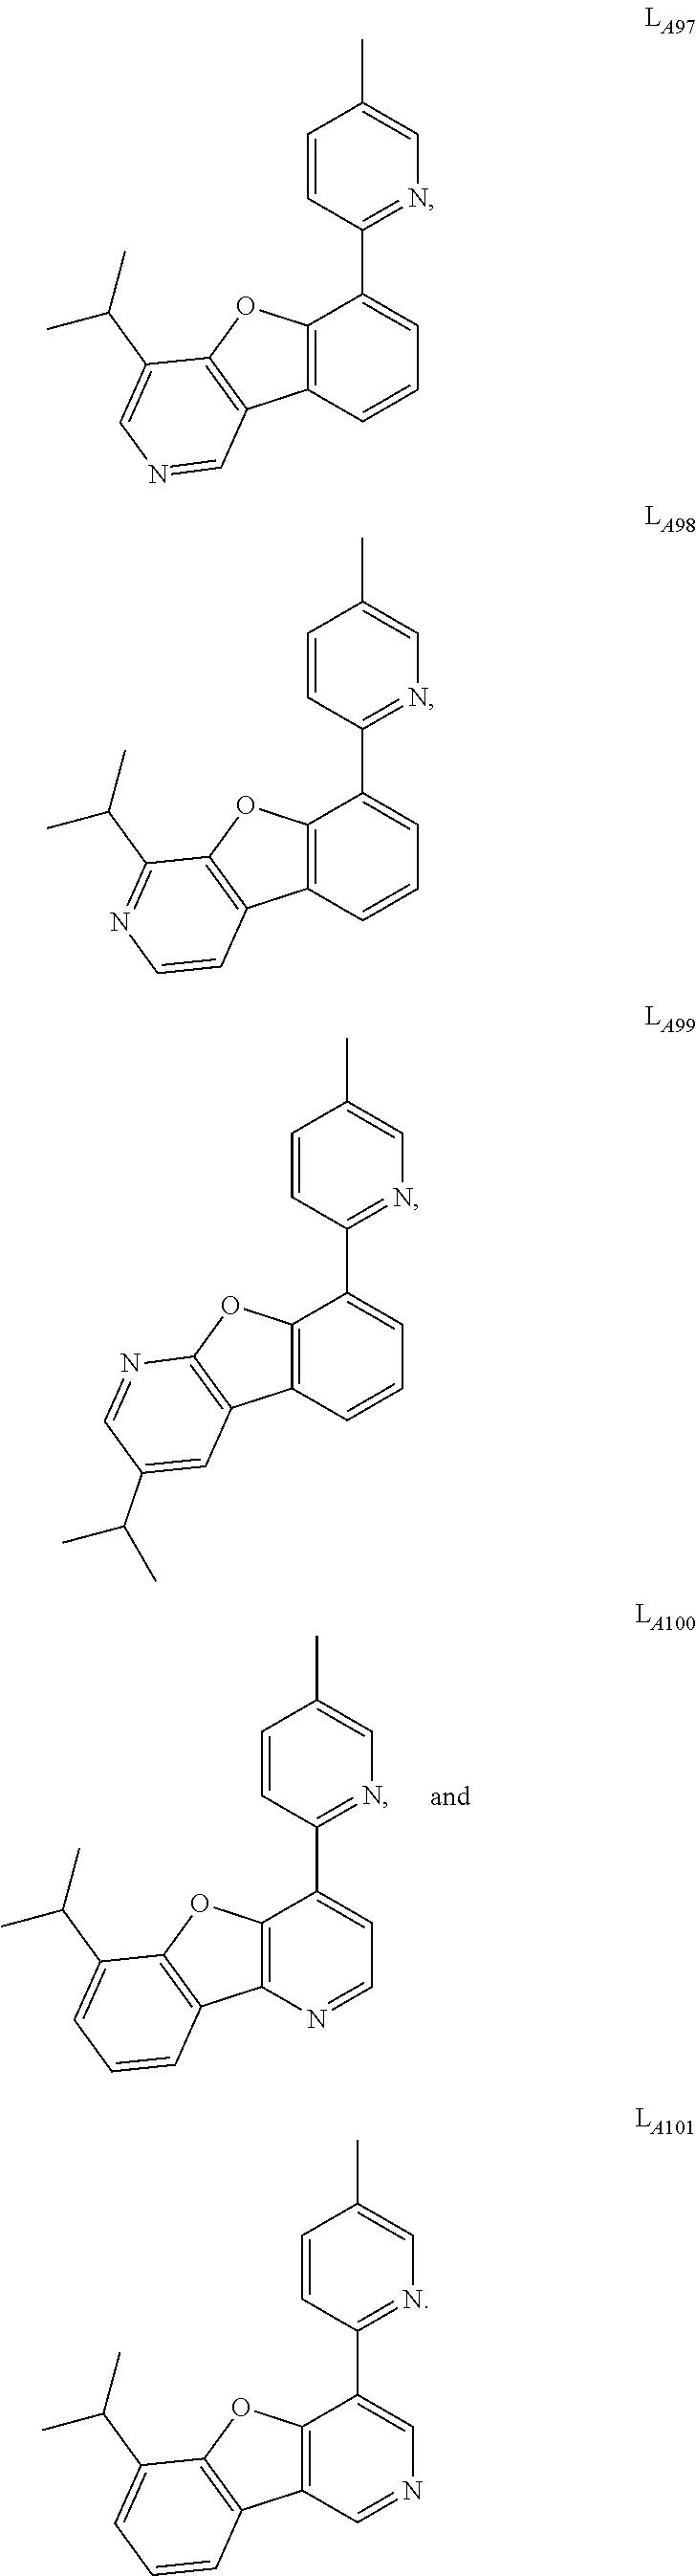 Figure US09634264-20170425-C00023